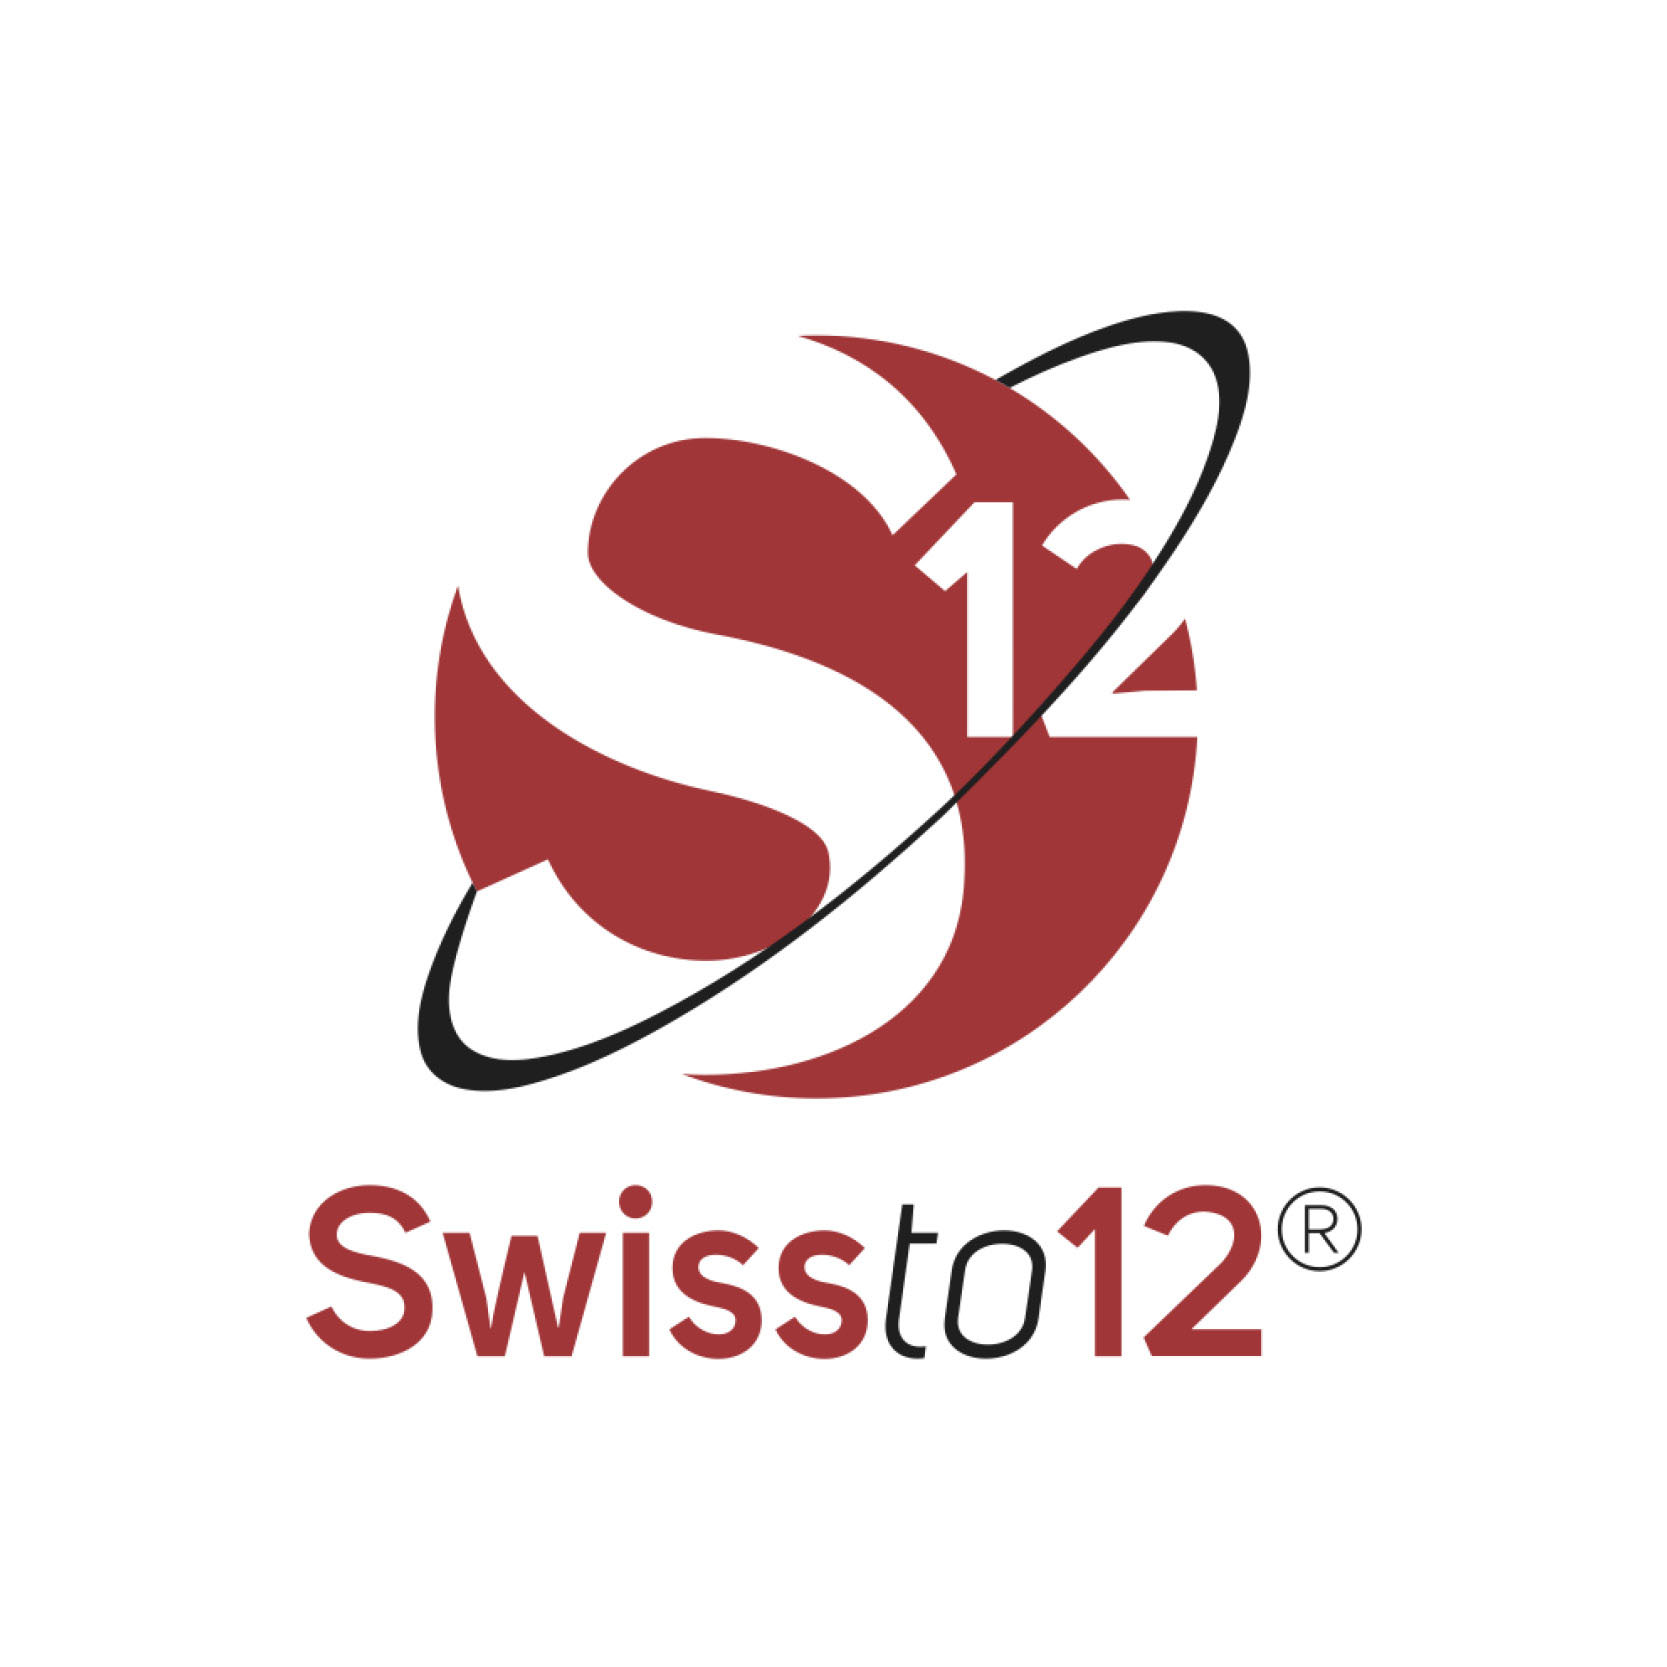 SWISSto12